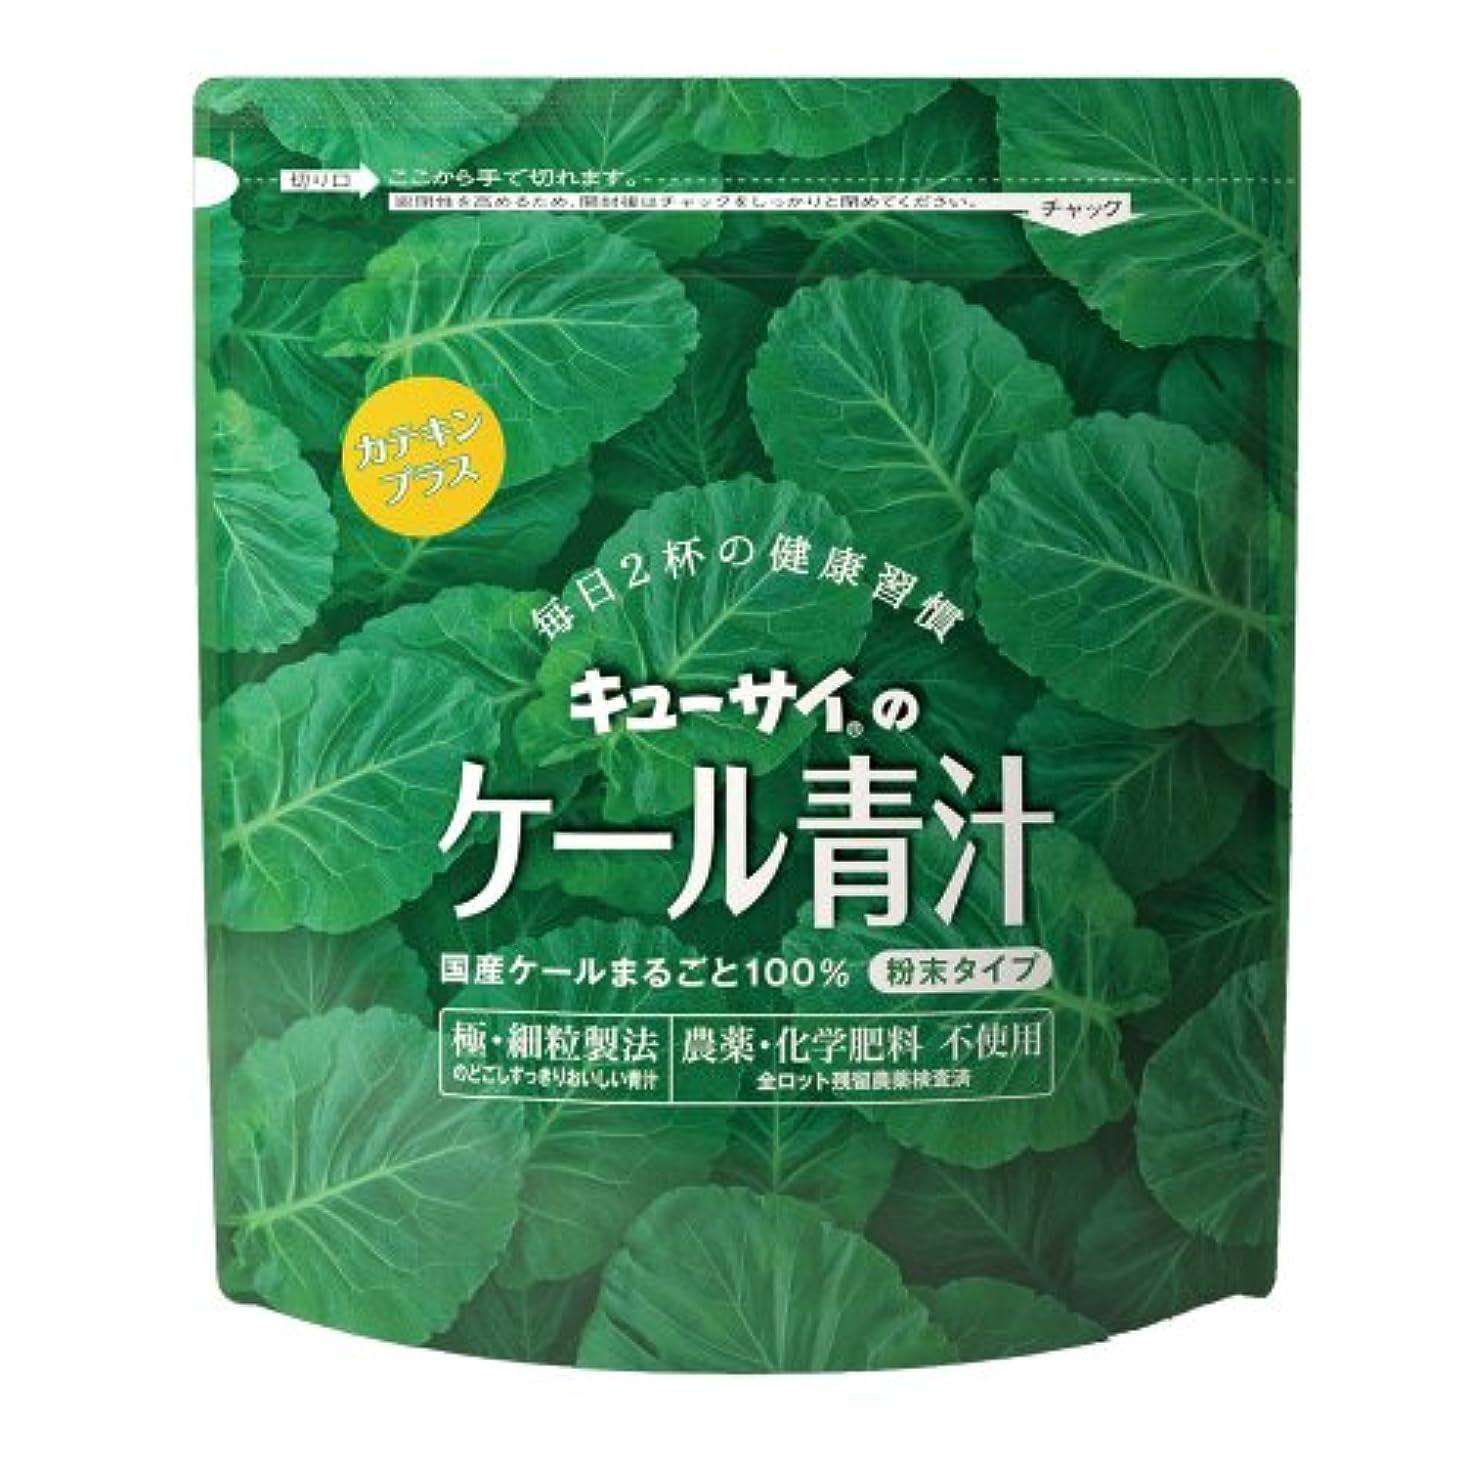 新着アンテナ大統領キューサイ 青汁カテキンプラス420g(粉末タイプ)/国産ケール100%青汁にカテキン配合【1袋420g(約1カ月分)】